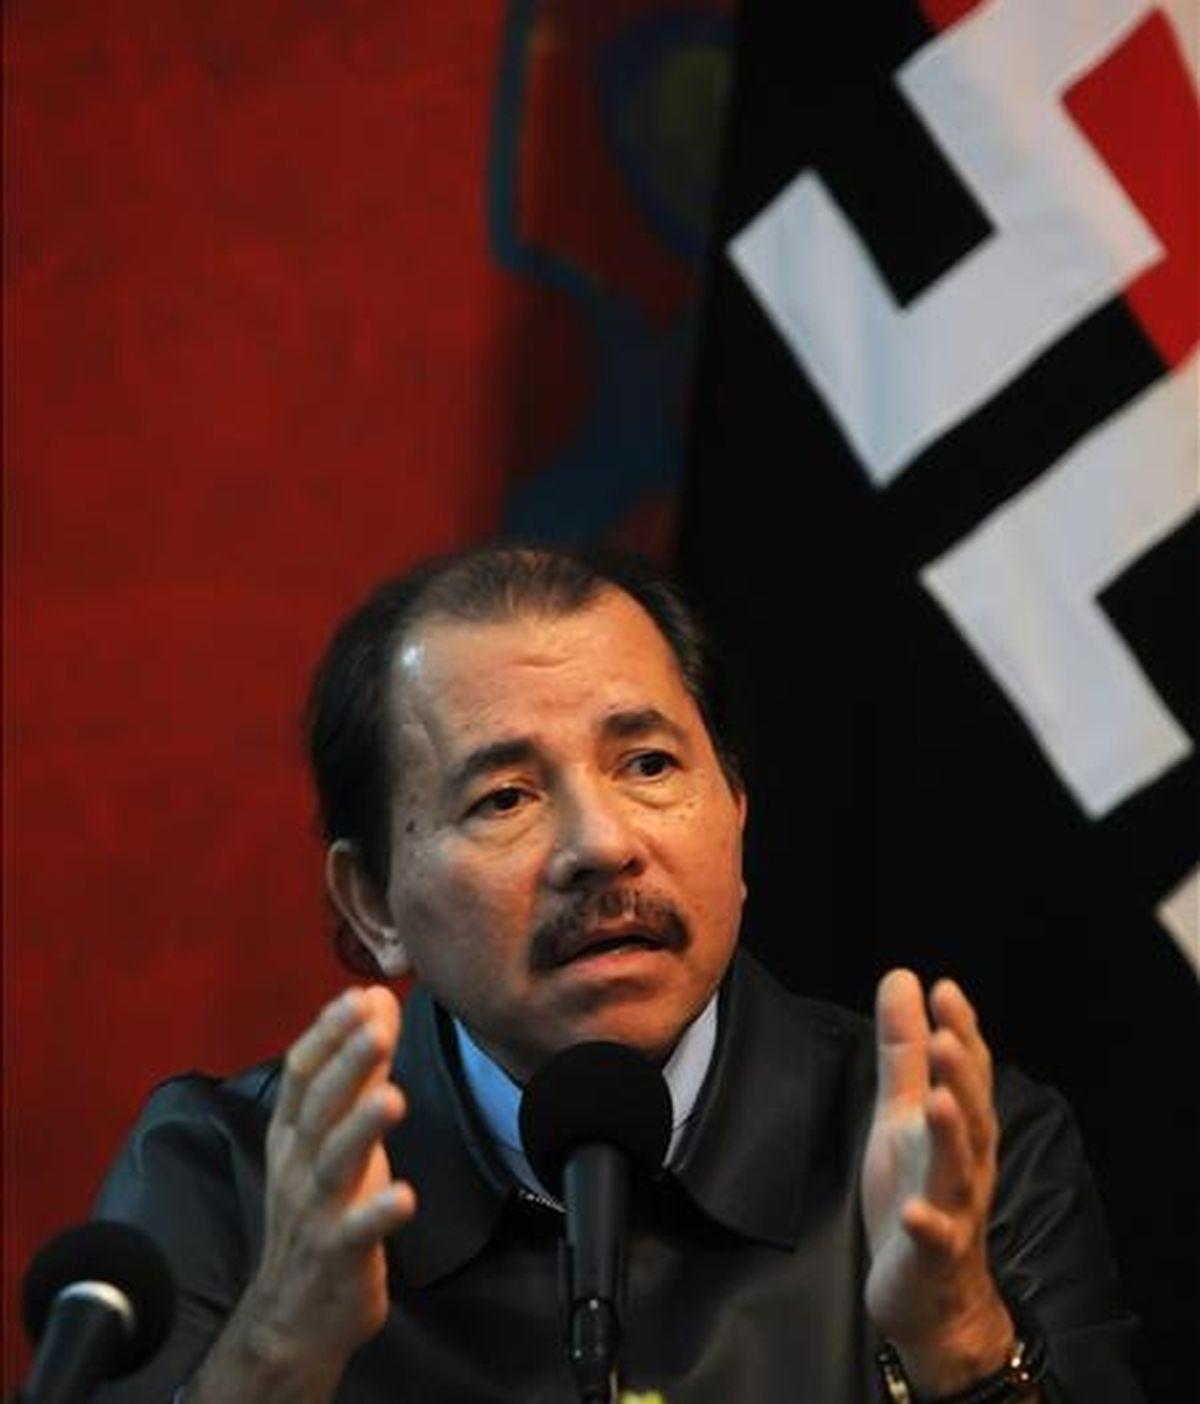 Desde el pasado 21 de octubre, Costa Rica y Nicaragua mantienen un litigio por la soberanía de una porción de territorio fronterizo en el Caribe. En la imagen, el presidente de Nicaragua, Daniel Ortega. EFE/Archivo